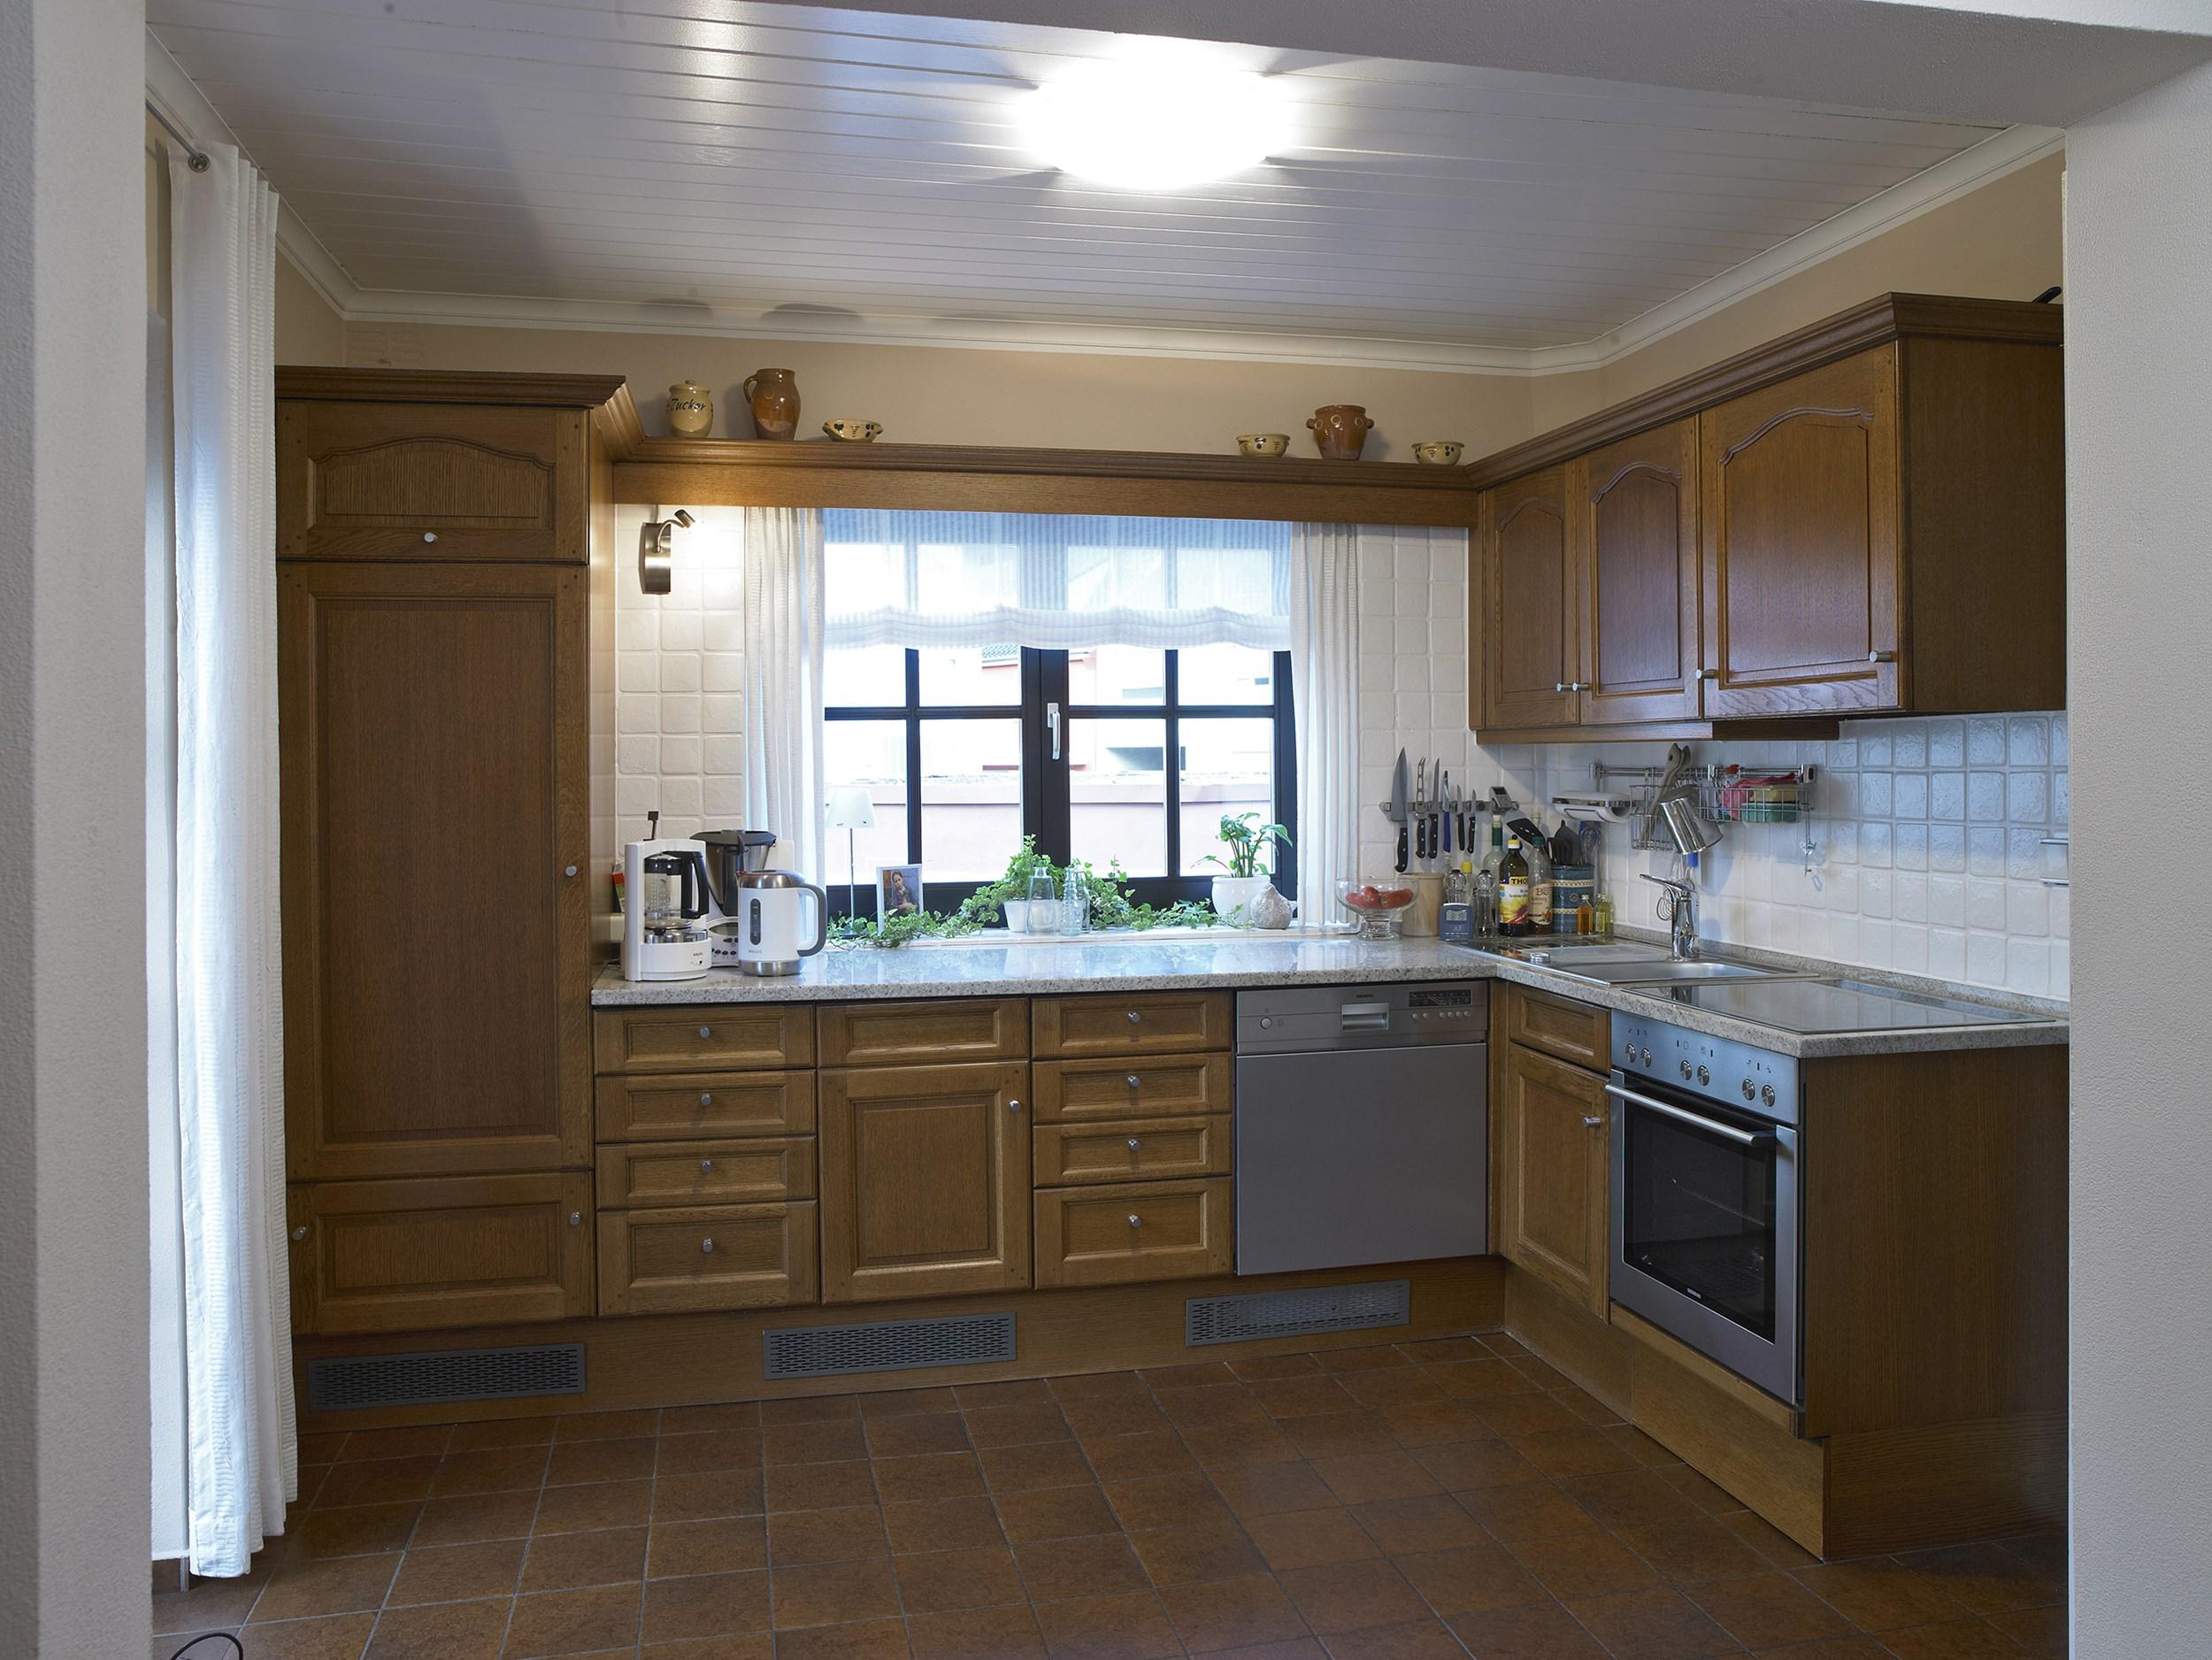 klantenvoorbeelden keukenrenovatie portas nederland renovatie. Black Bedroom Furniture Sets. Home Design Ideas